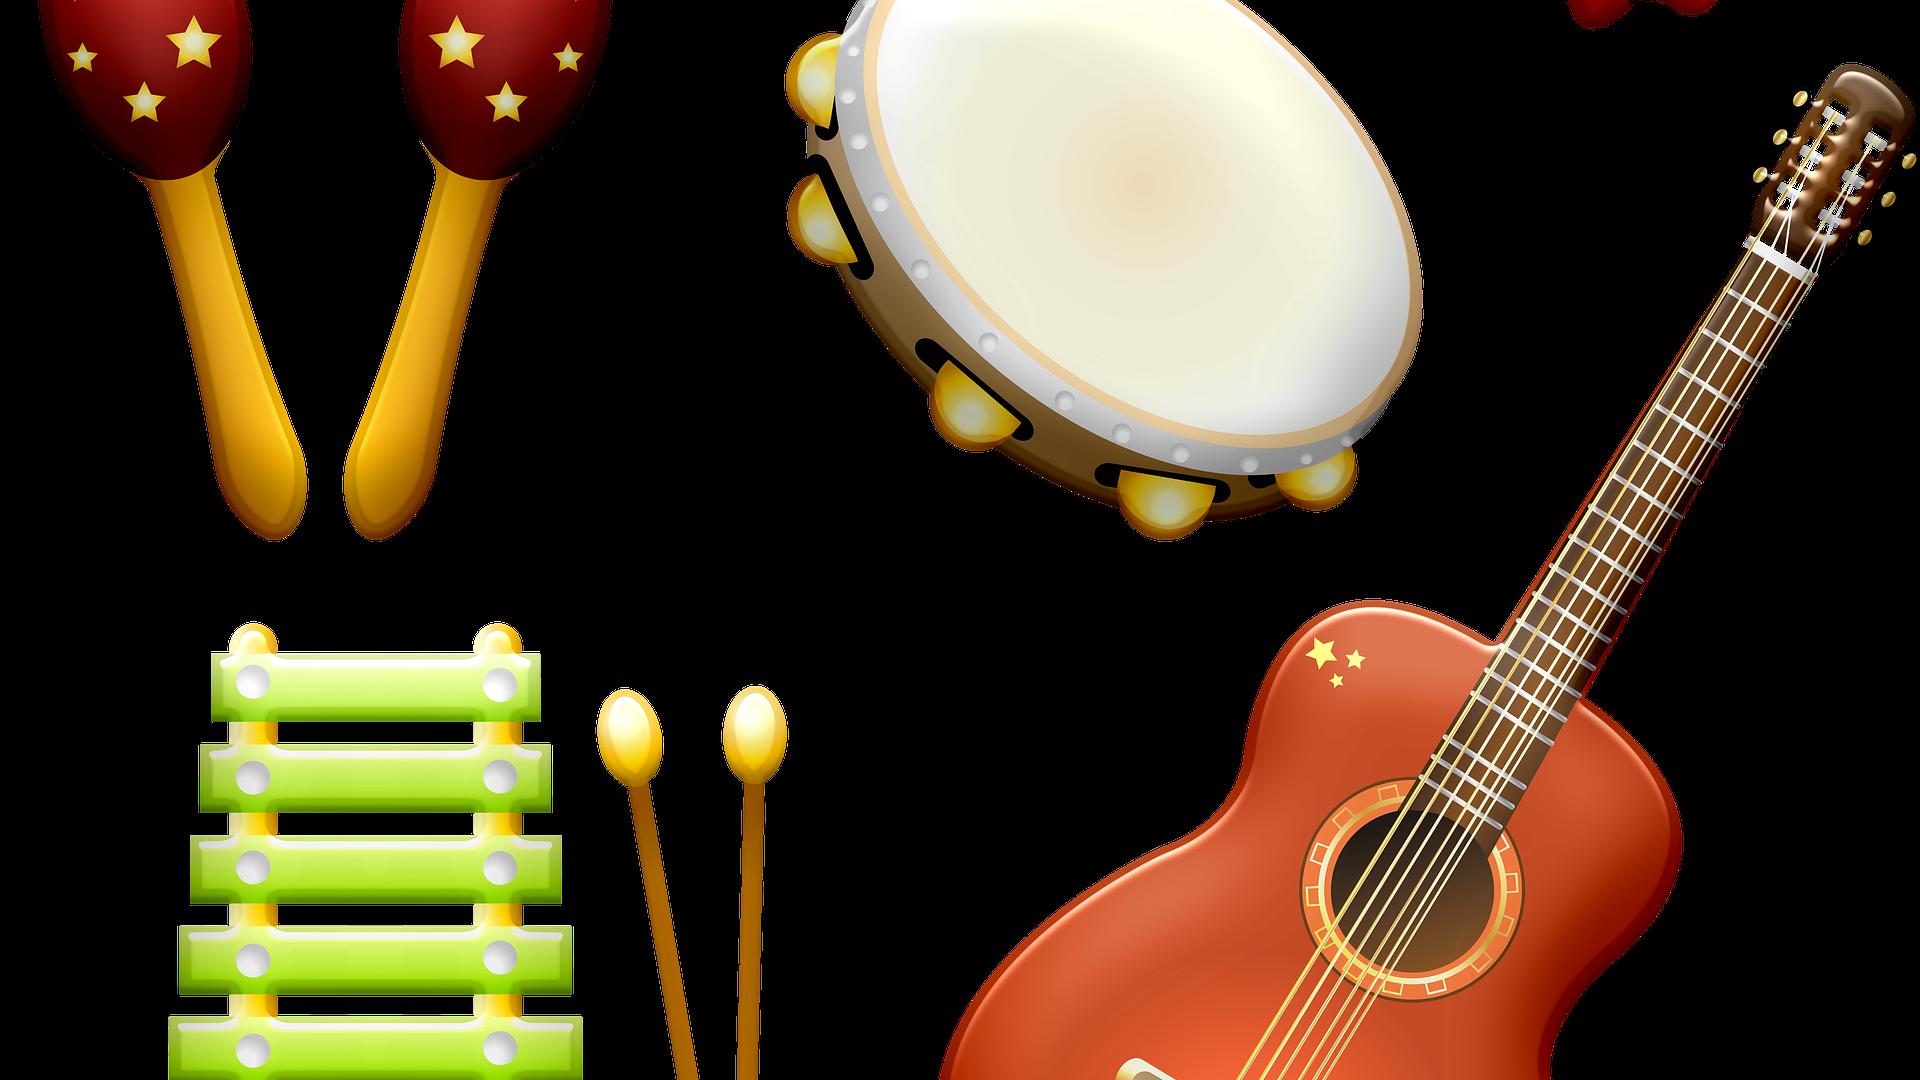 Musikwerkstatt kreativ e. V.